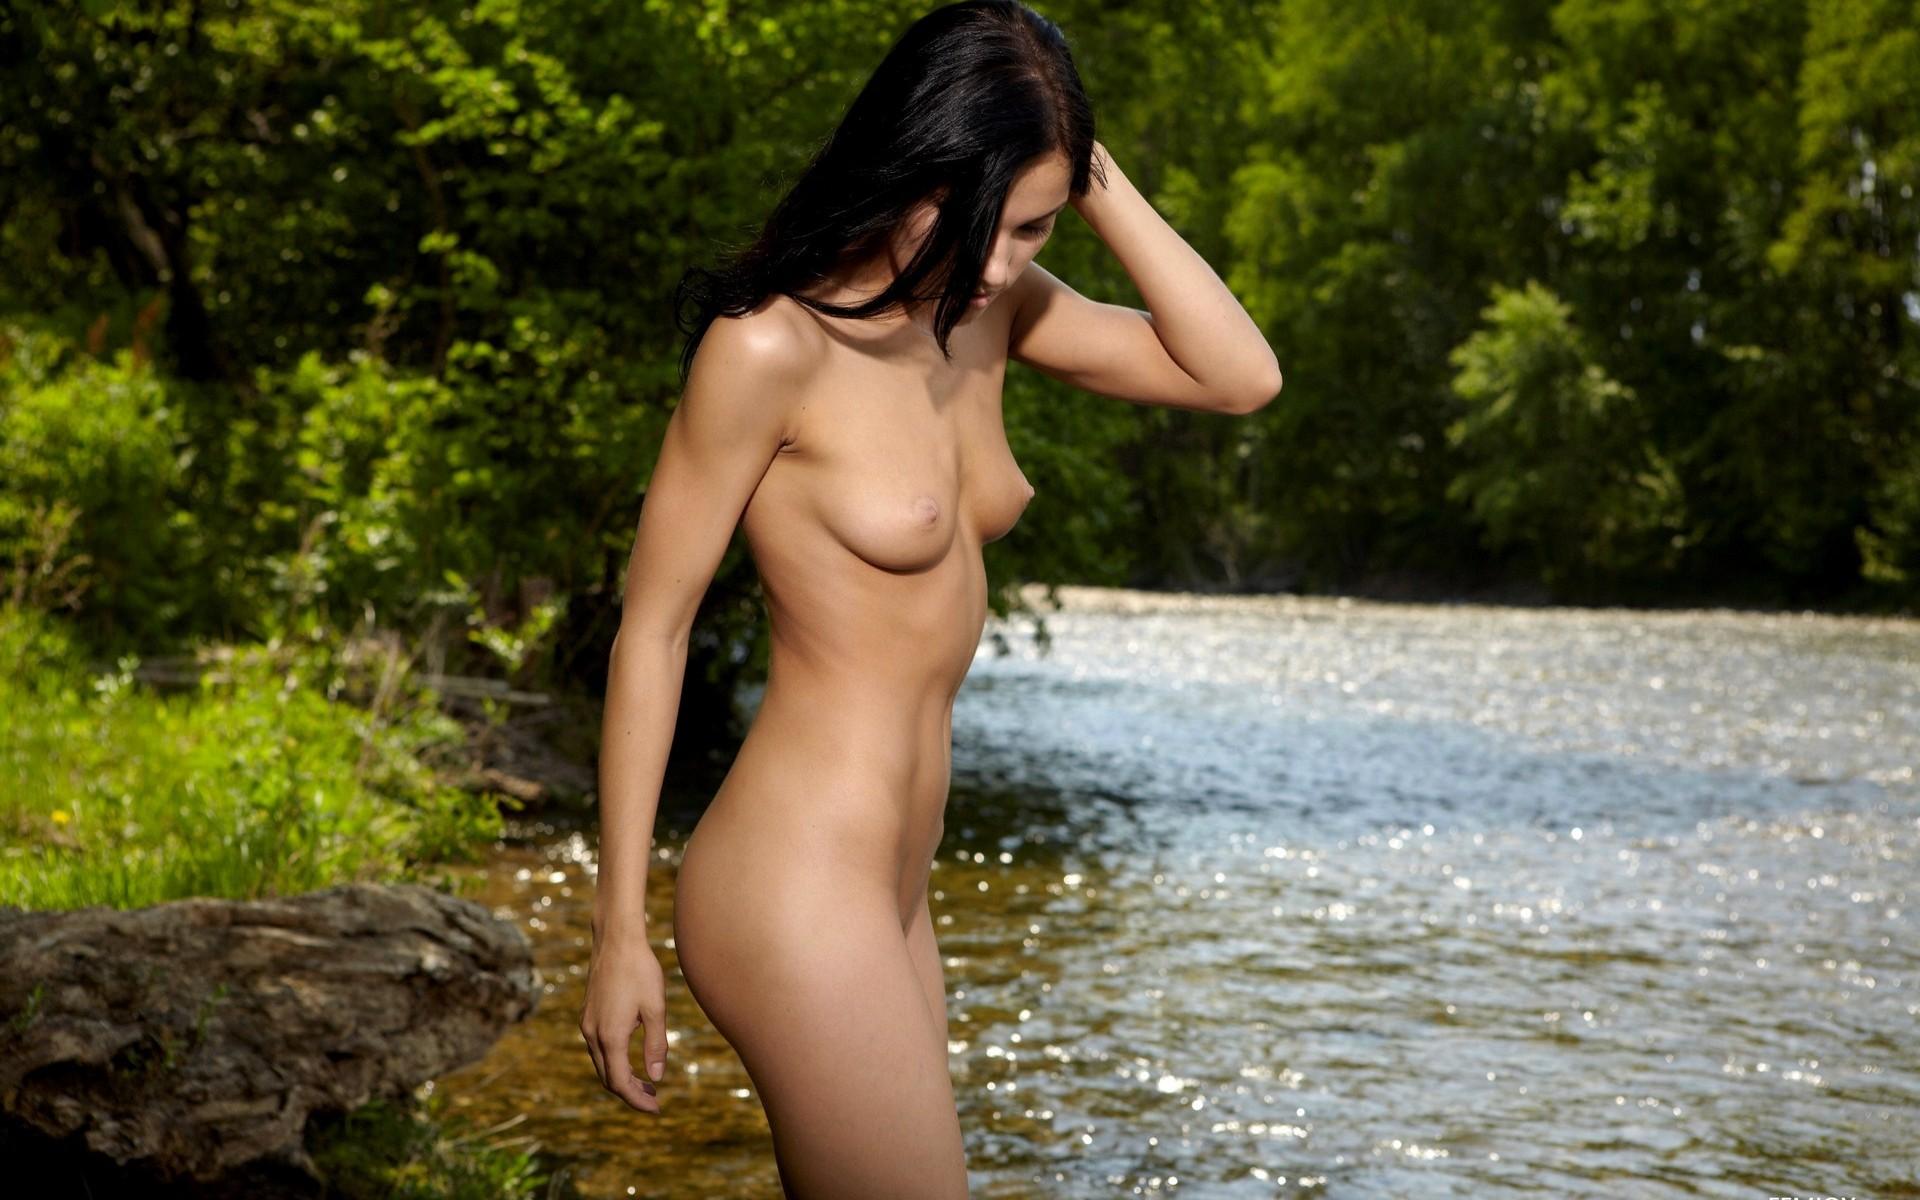 Фото девушек голых название сайта, Откровенные фото обычных девушек секс фото и порно 7 фотография